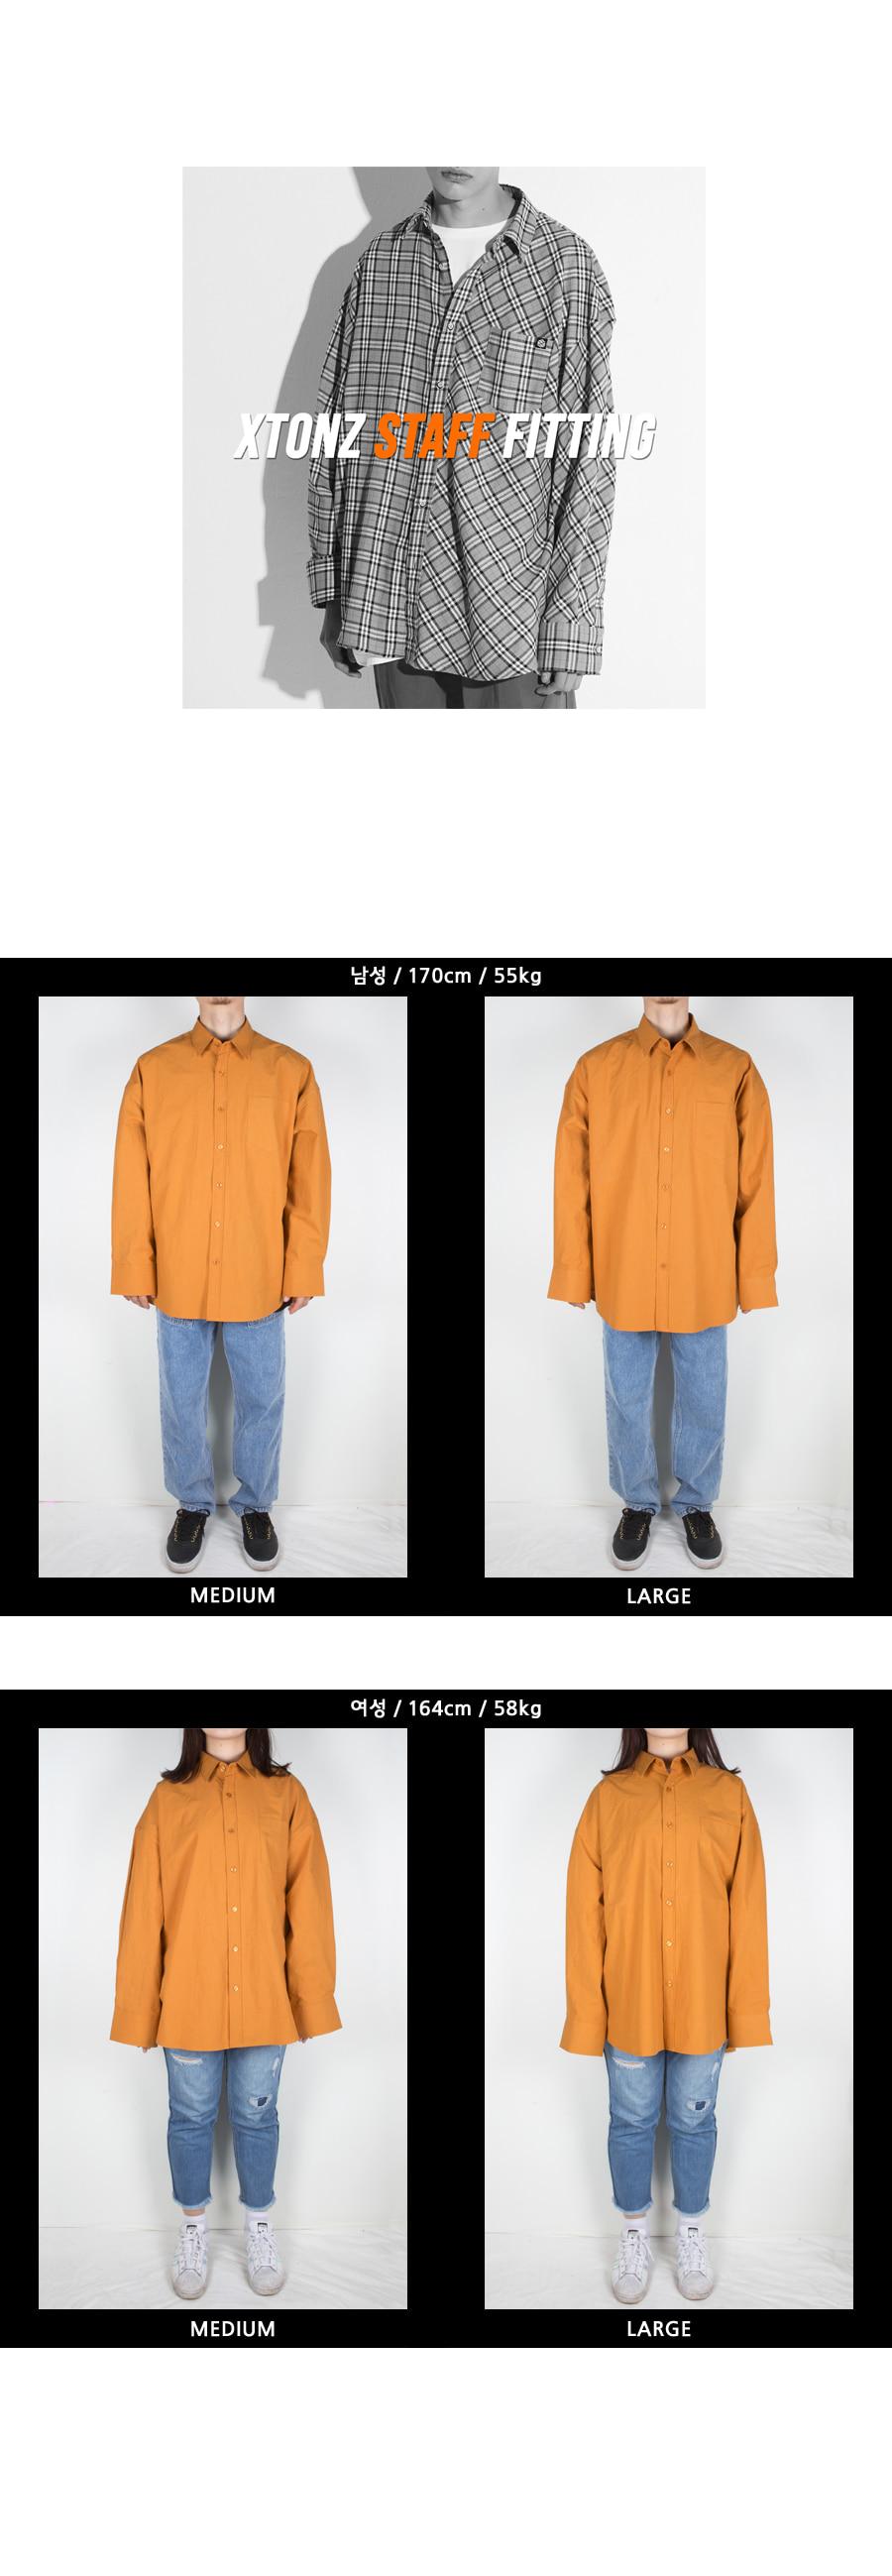 엑스톤즈 XTS002 도로시 오버핏 셔츠 (MUSTARD)